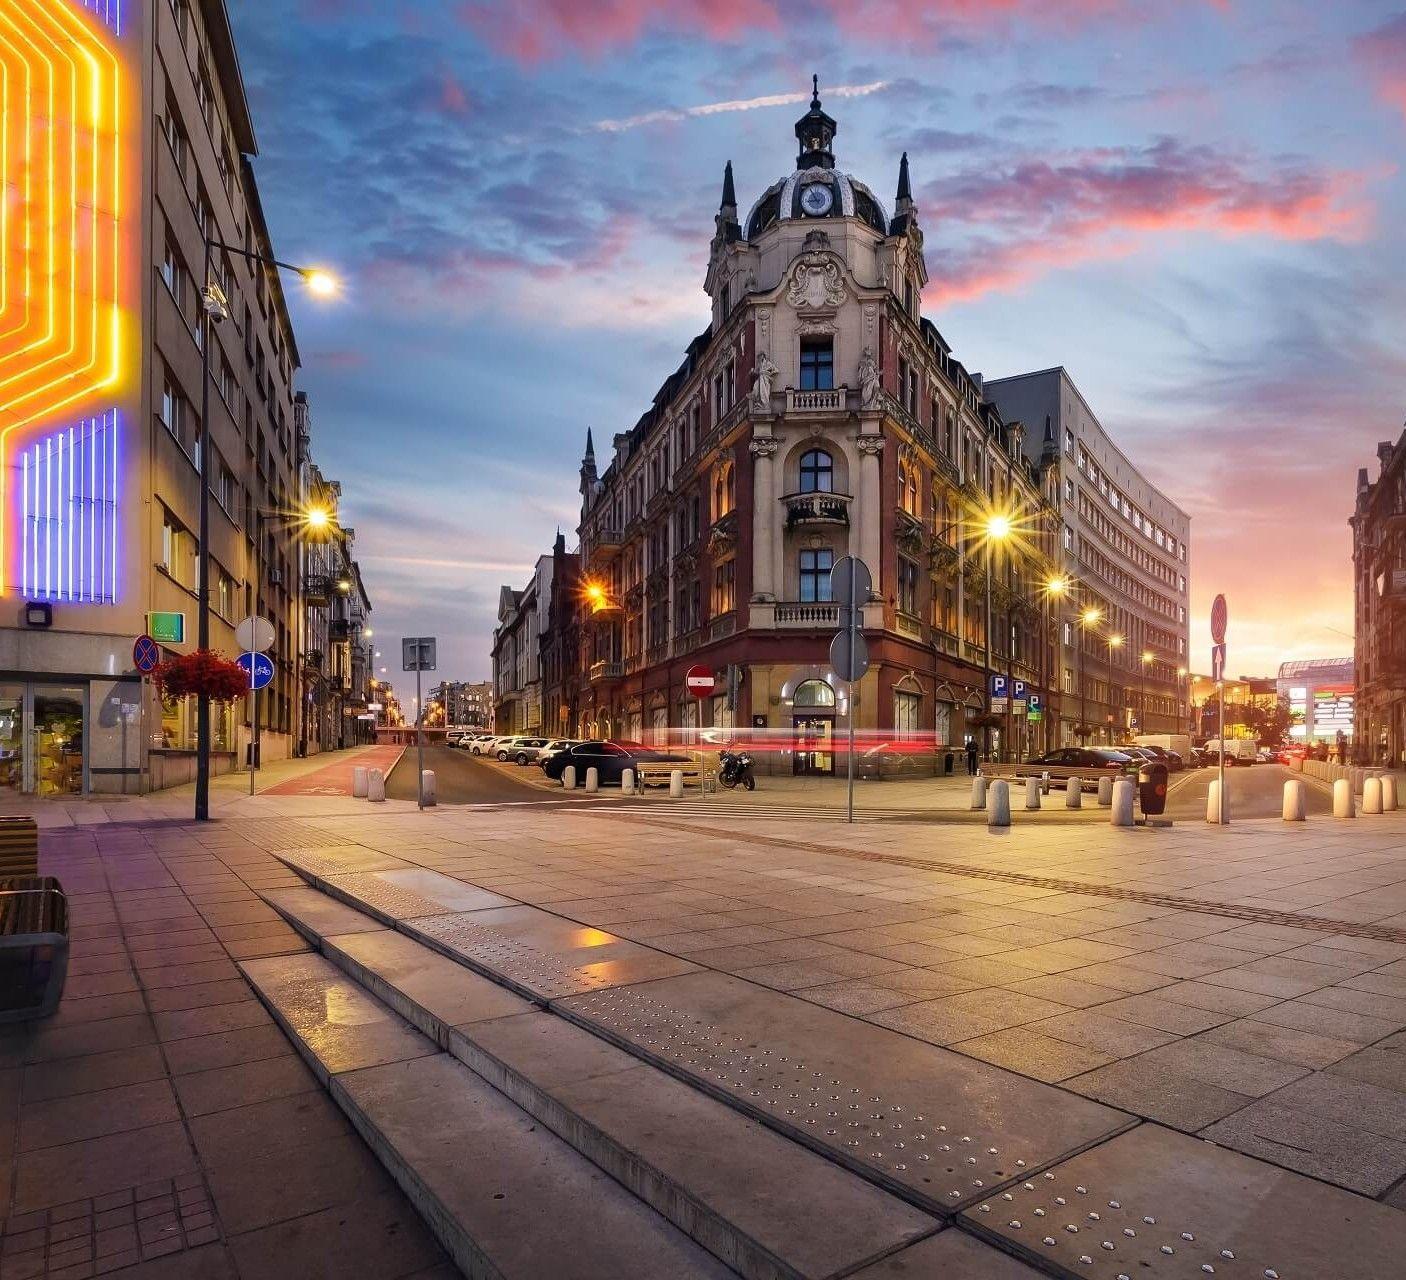 Flüge: Kattowitz / Polen (Juli-Aug) Hin- und Rückflug mit Ryanair von Dortmund ab 19€